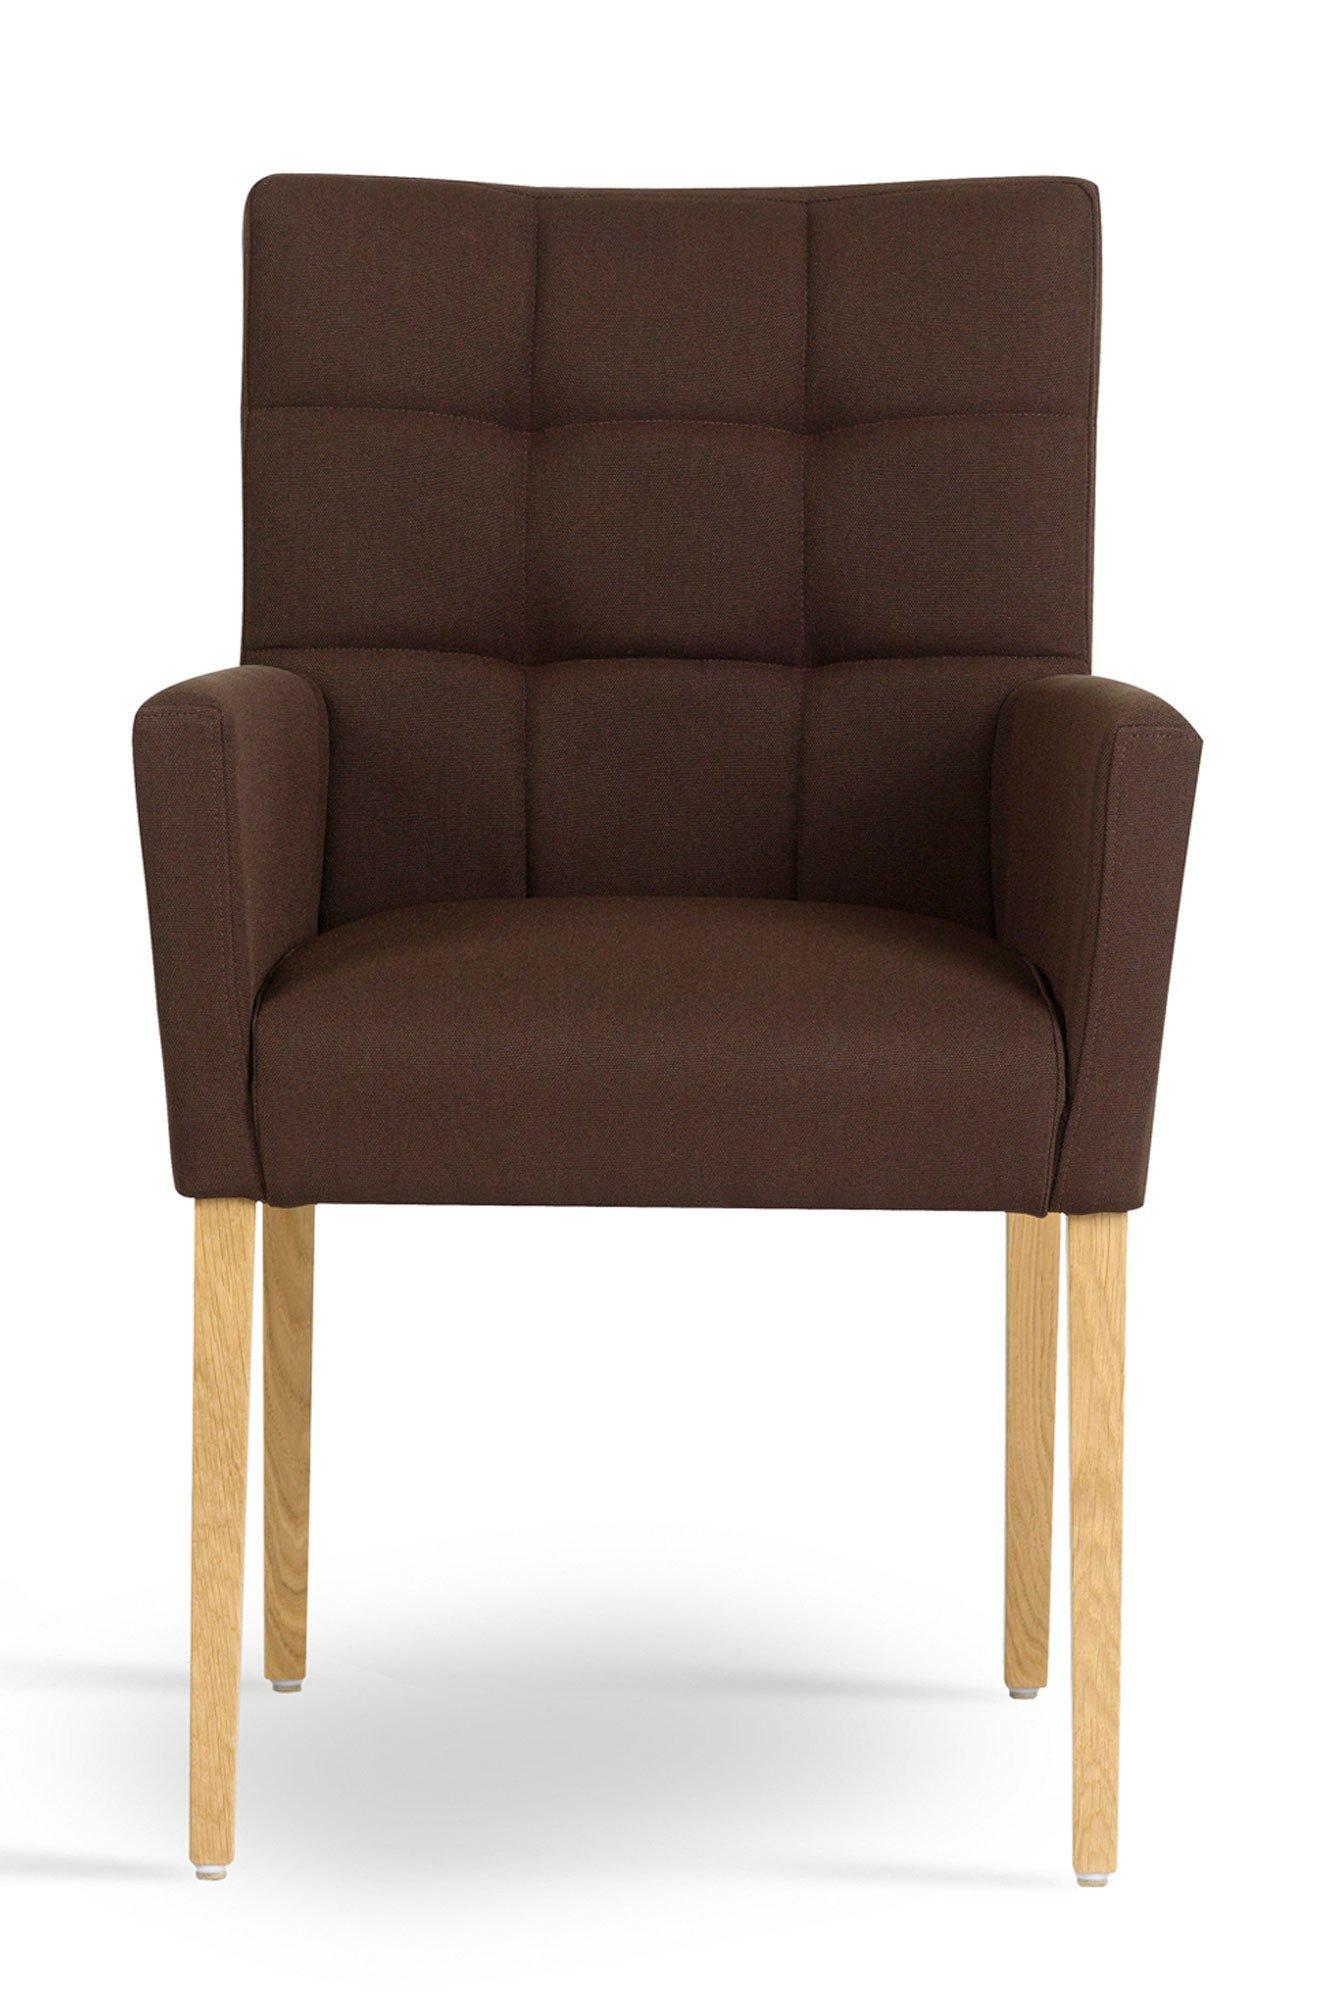 Mobitec stuhl karre mit armlehnen und hoher lehne brown for Stuhl mit hoher lehne